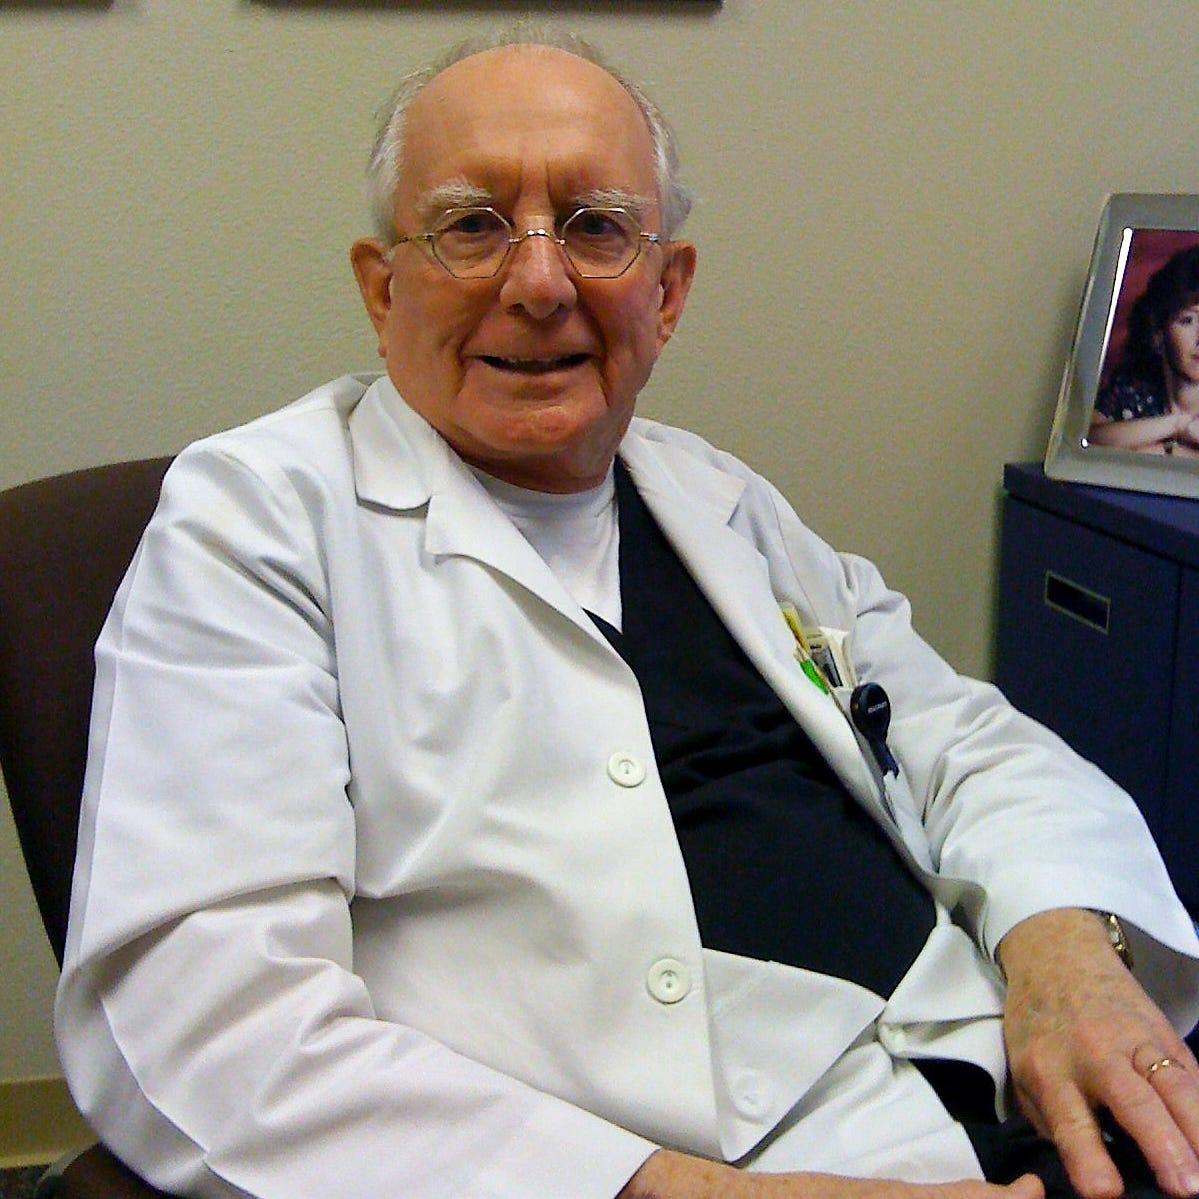 Dr. Jack Bargainer, who performed Abilene's first heart catheterization, dies